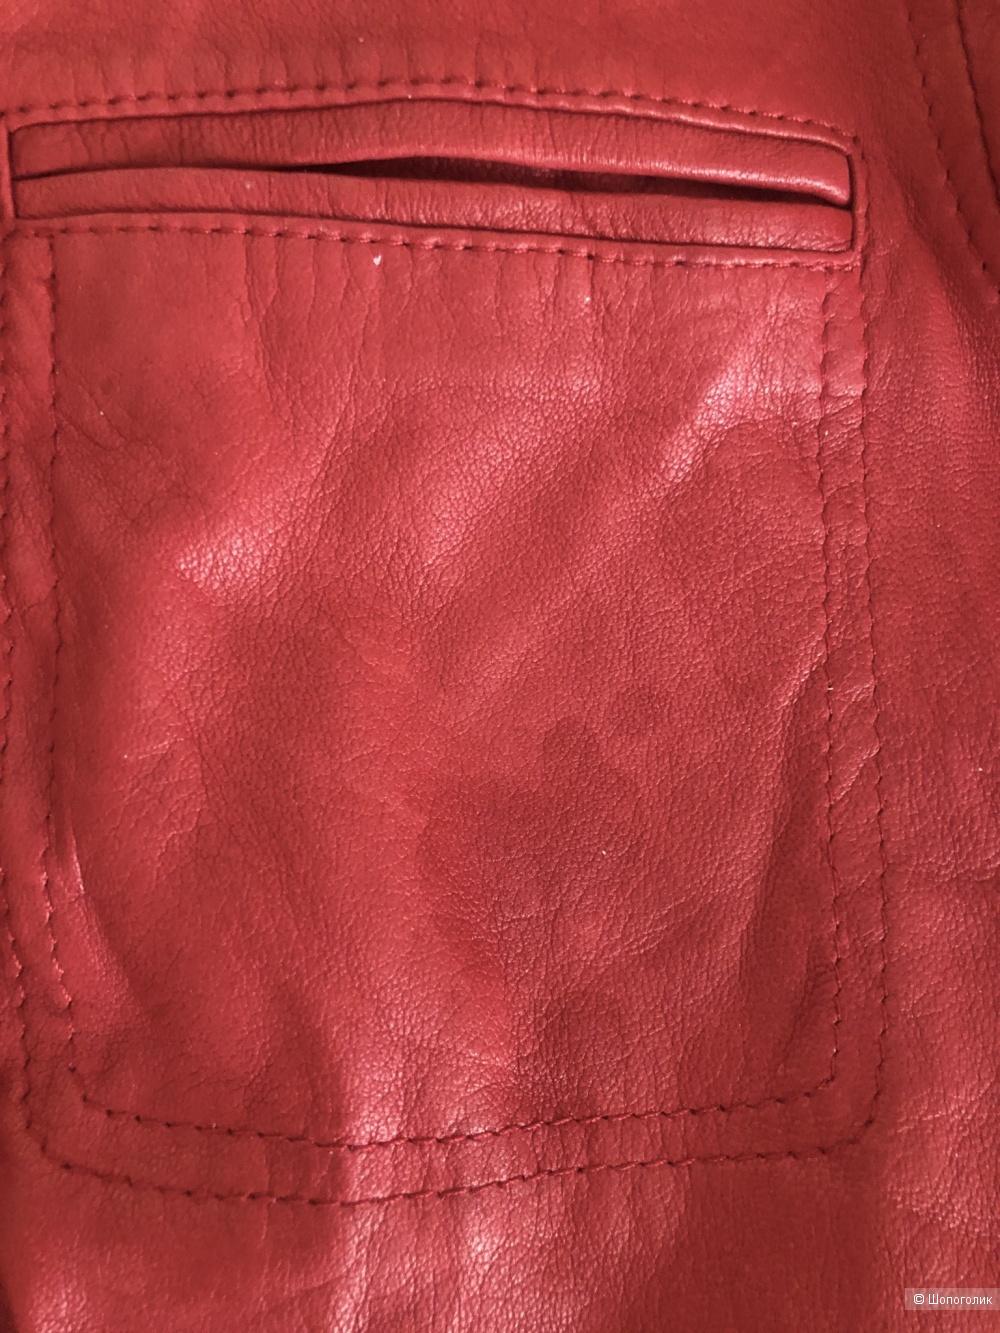 Кожаная куртка Patrizia Pepe, размер S.